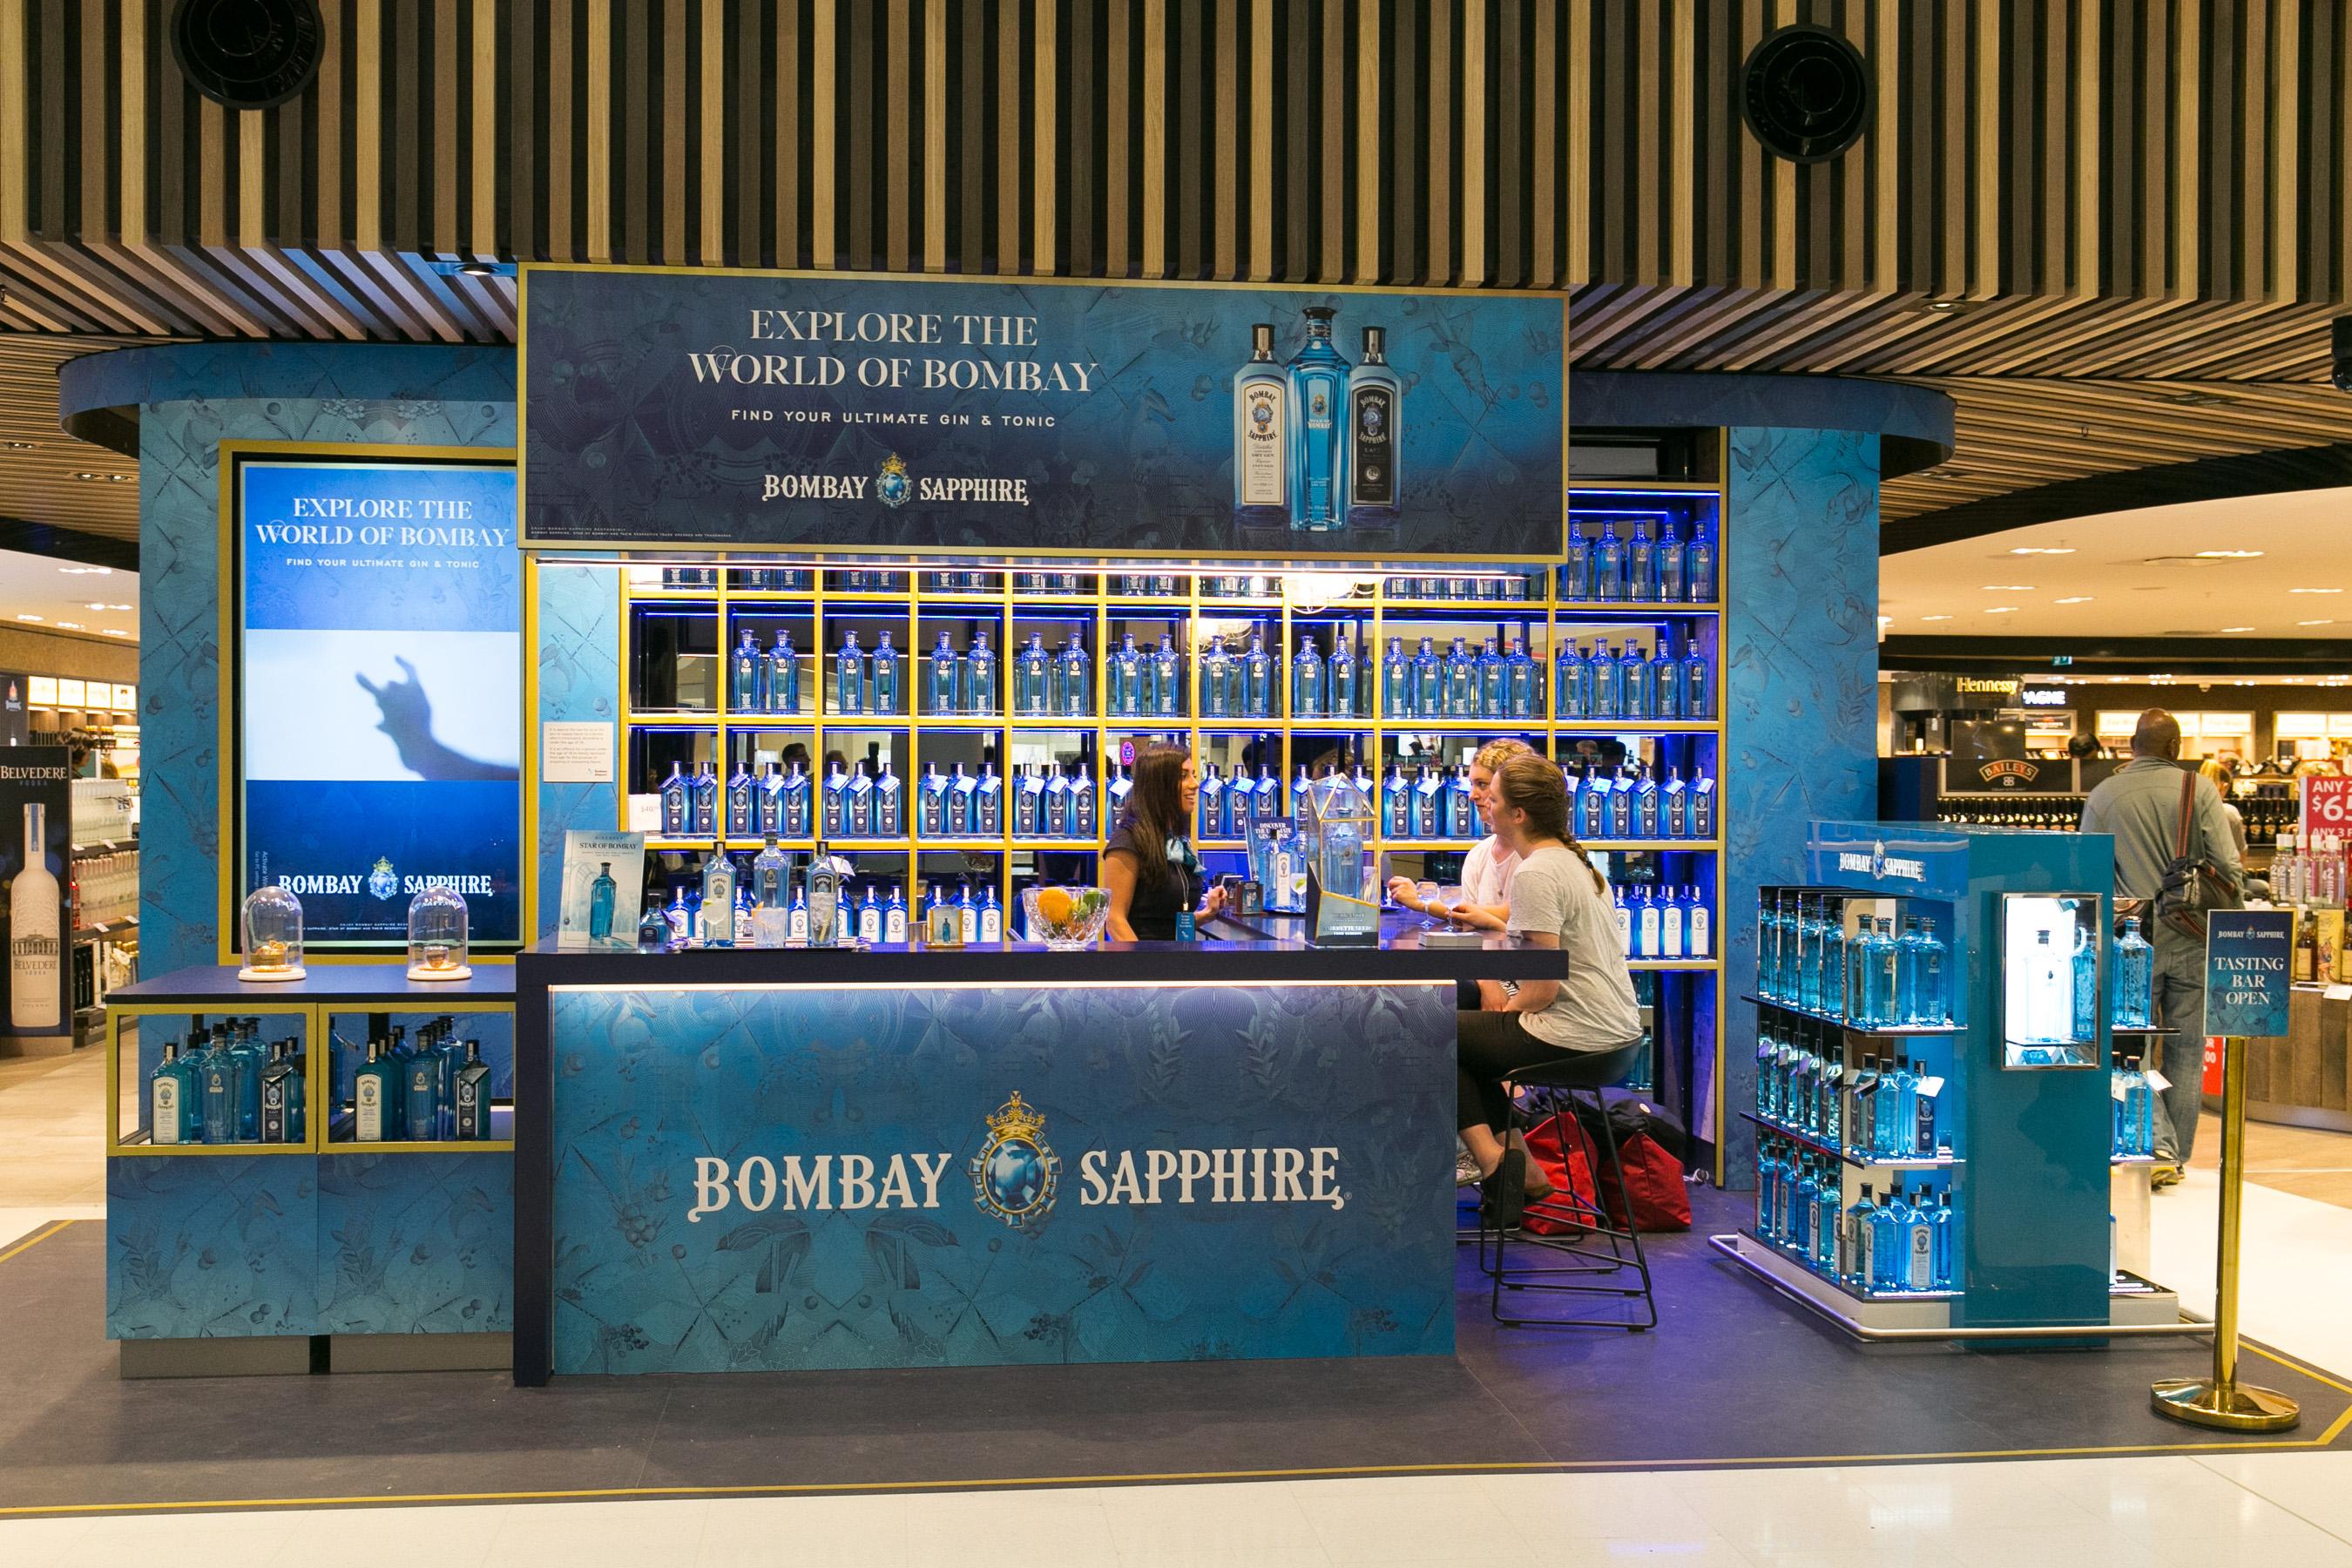 mumbai bar sex online shopping norway